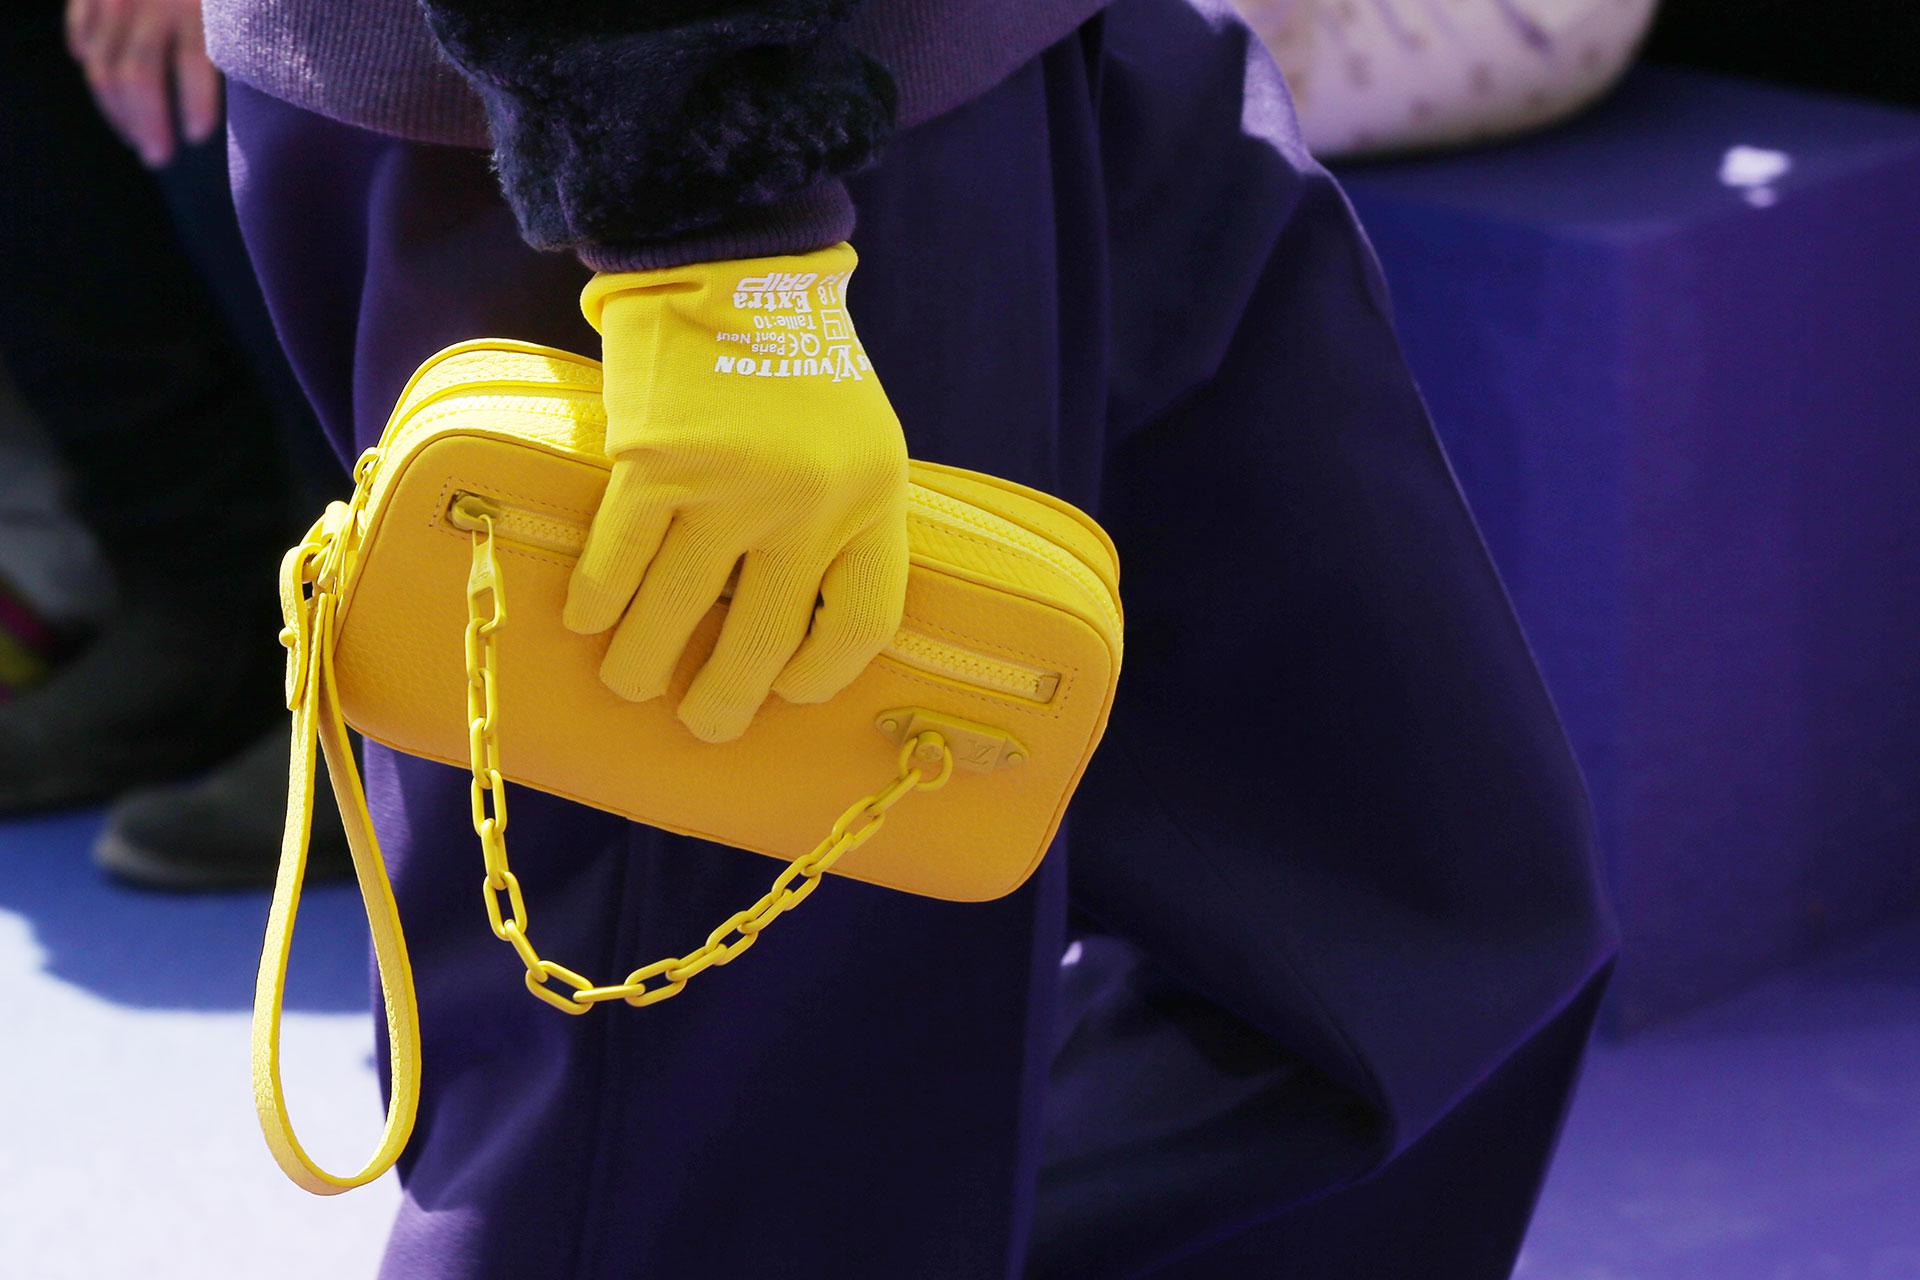 Guantes amarillos y sobre a tono. El nuevo director creativo utilizó en reiterados accesorios la combinación de cuero y plástico